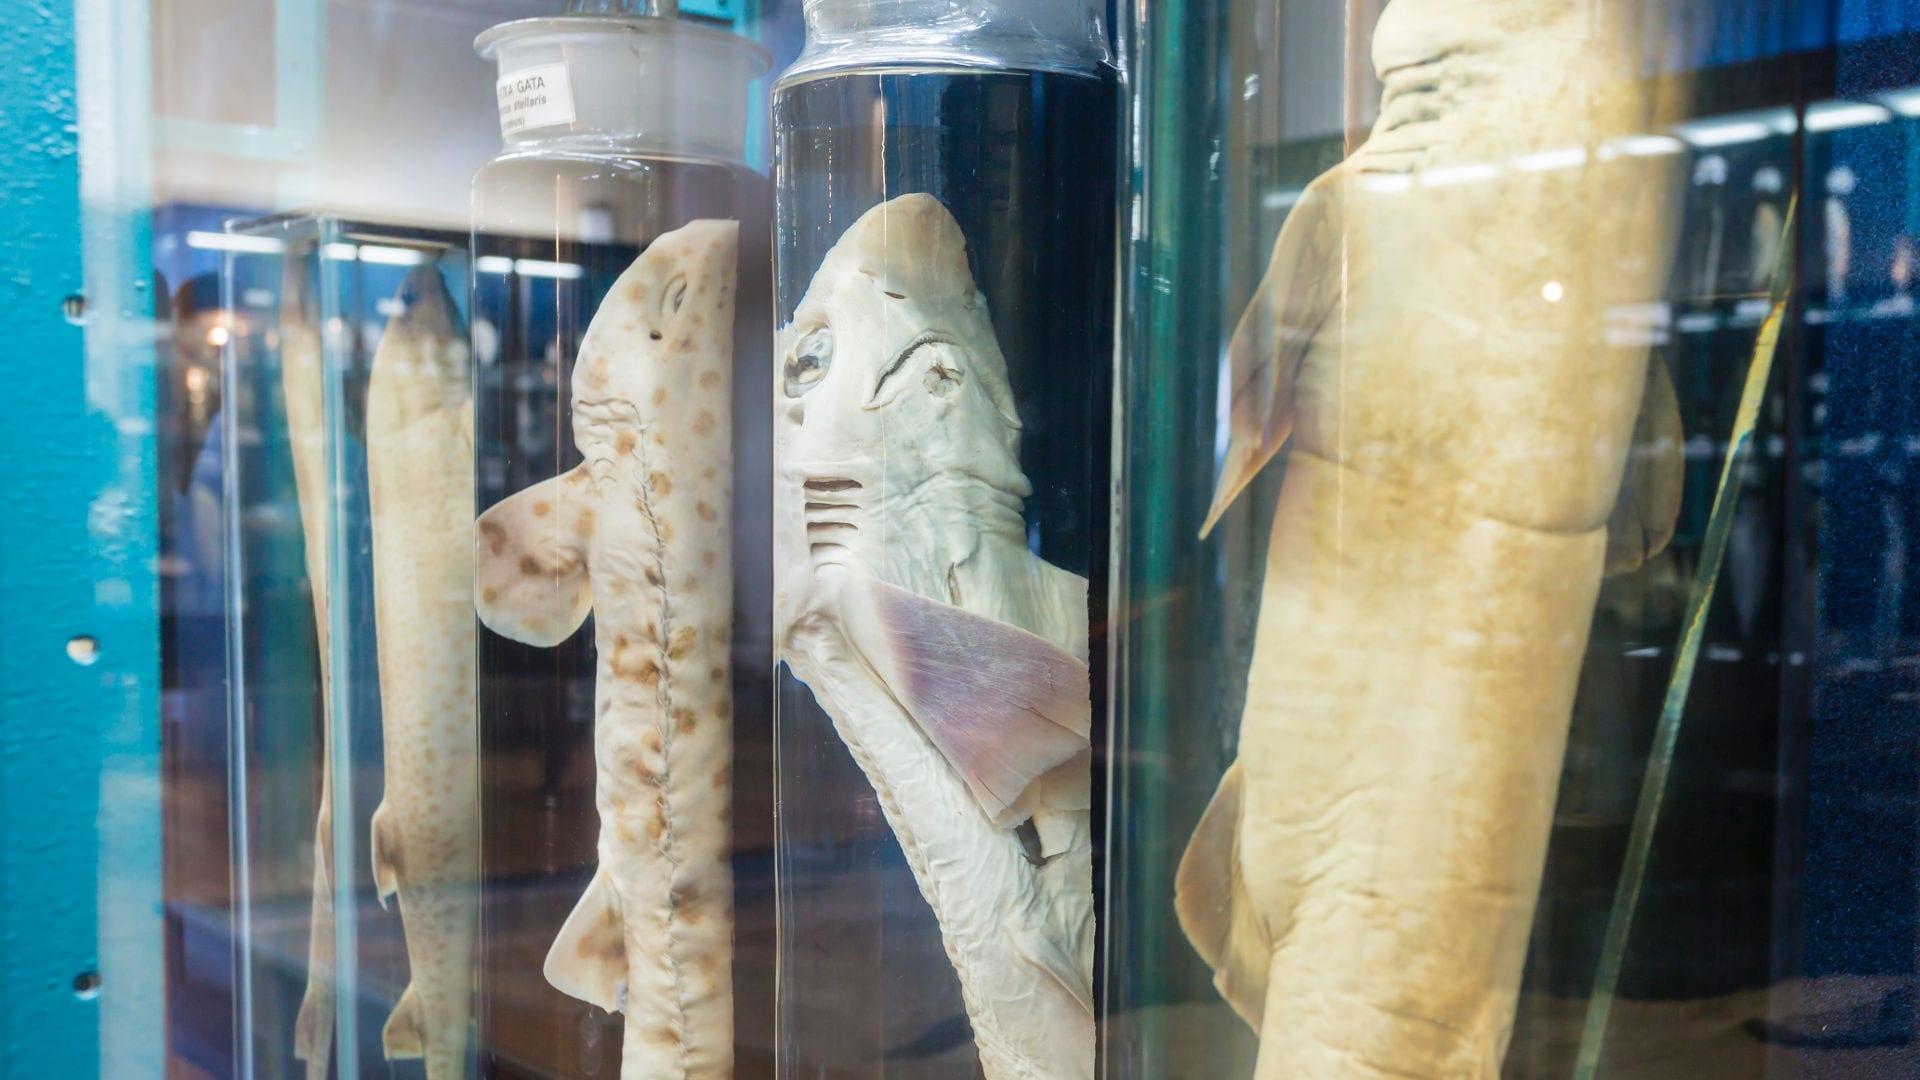 colecção do Rei aquário vasco da gama